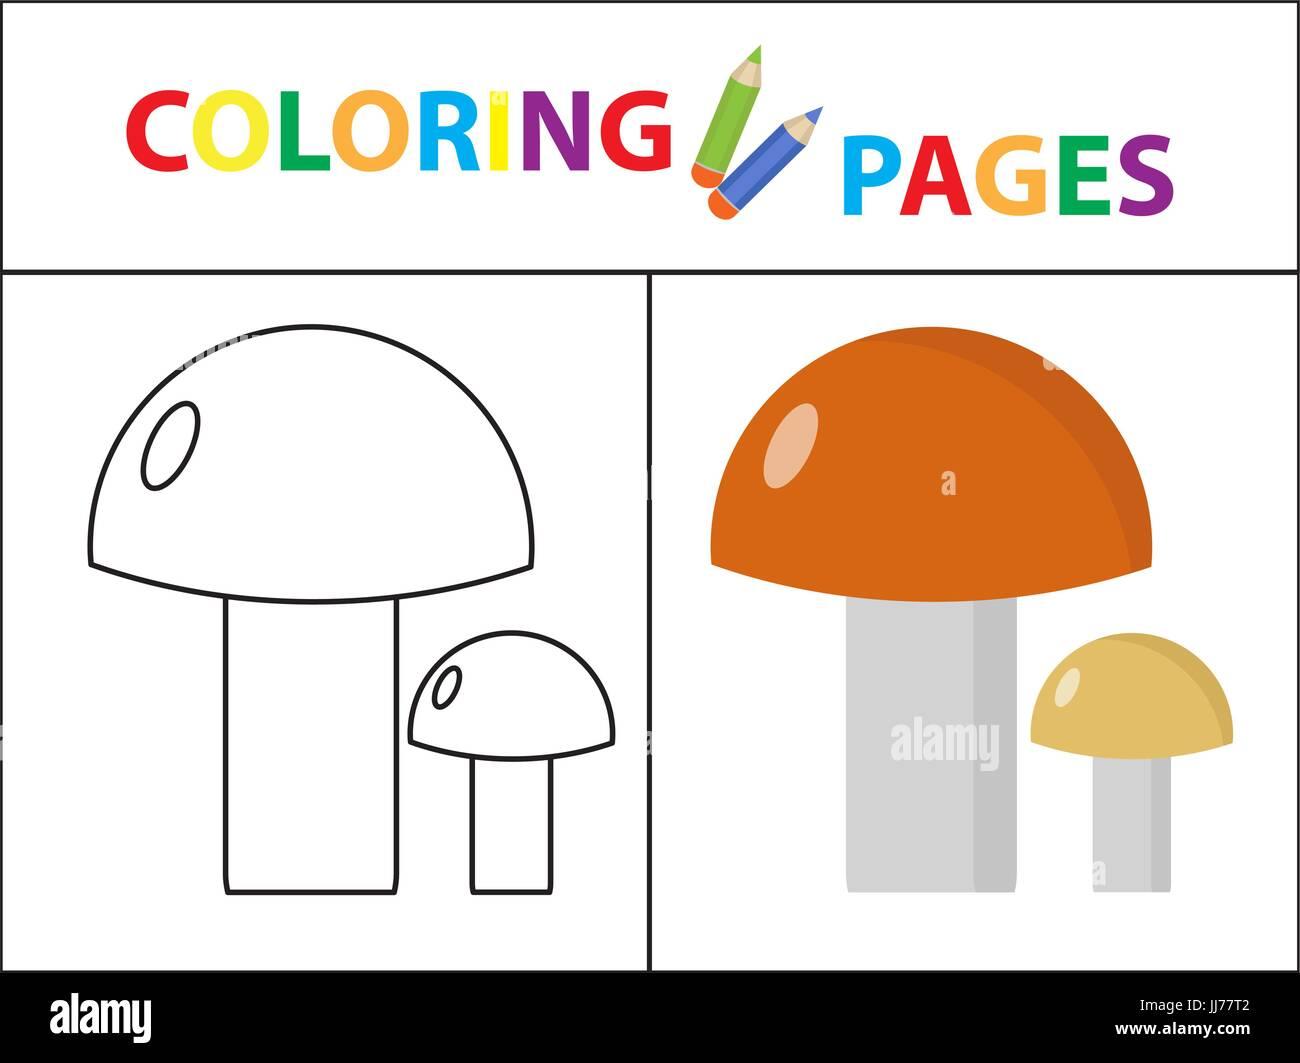 Coloring Book Seite. Skizze Kontur und Farbe Version. Malvorlagen ...